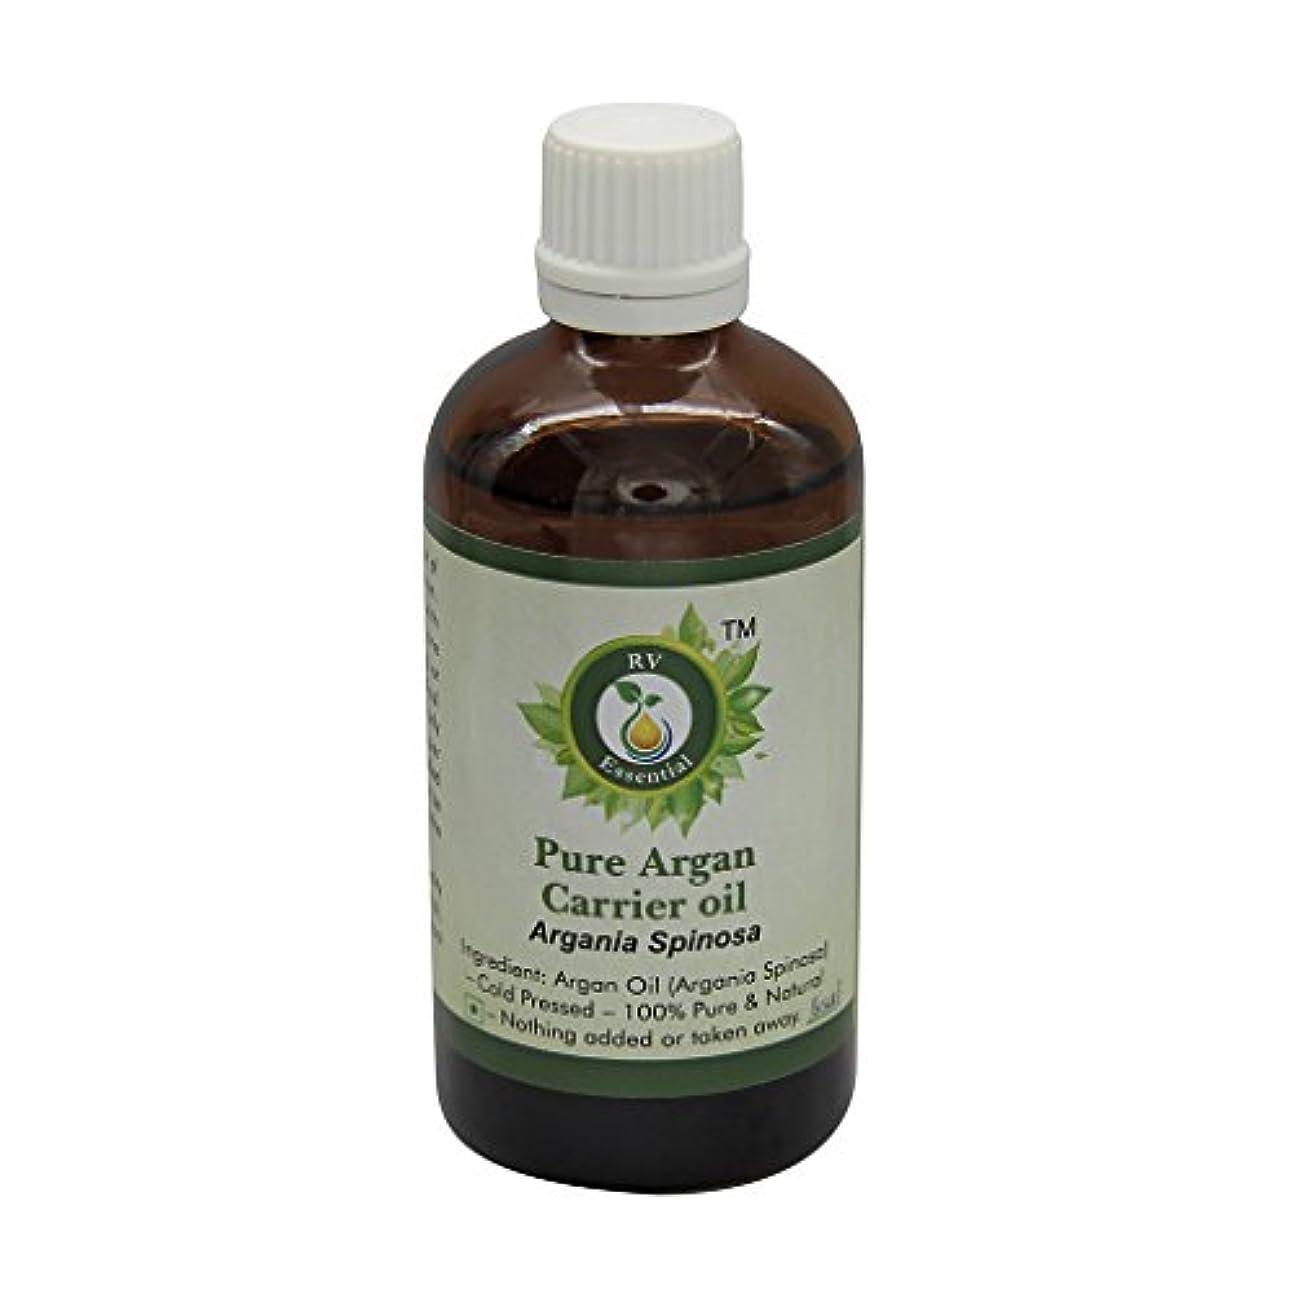 敬意を表する廊下技術者R V Essential ピュアアルガンキャリアオイル100ml (3.38oz)- Argania Spinosa (100%ピュア&ナチュラルコールドPressed) Pure Argan Carrier Oil